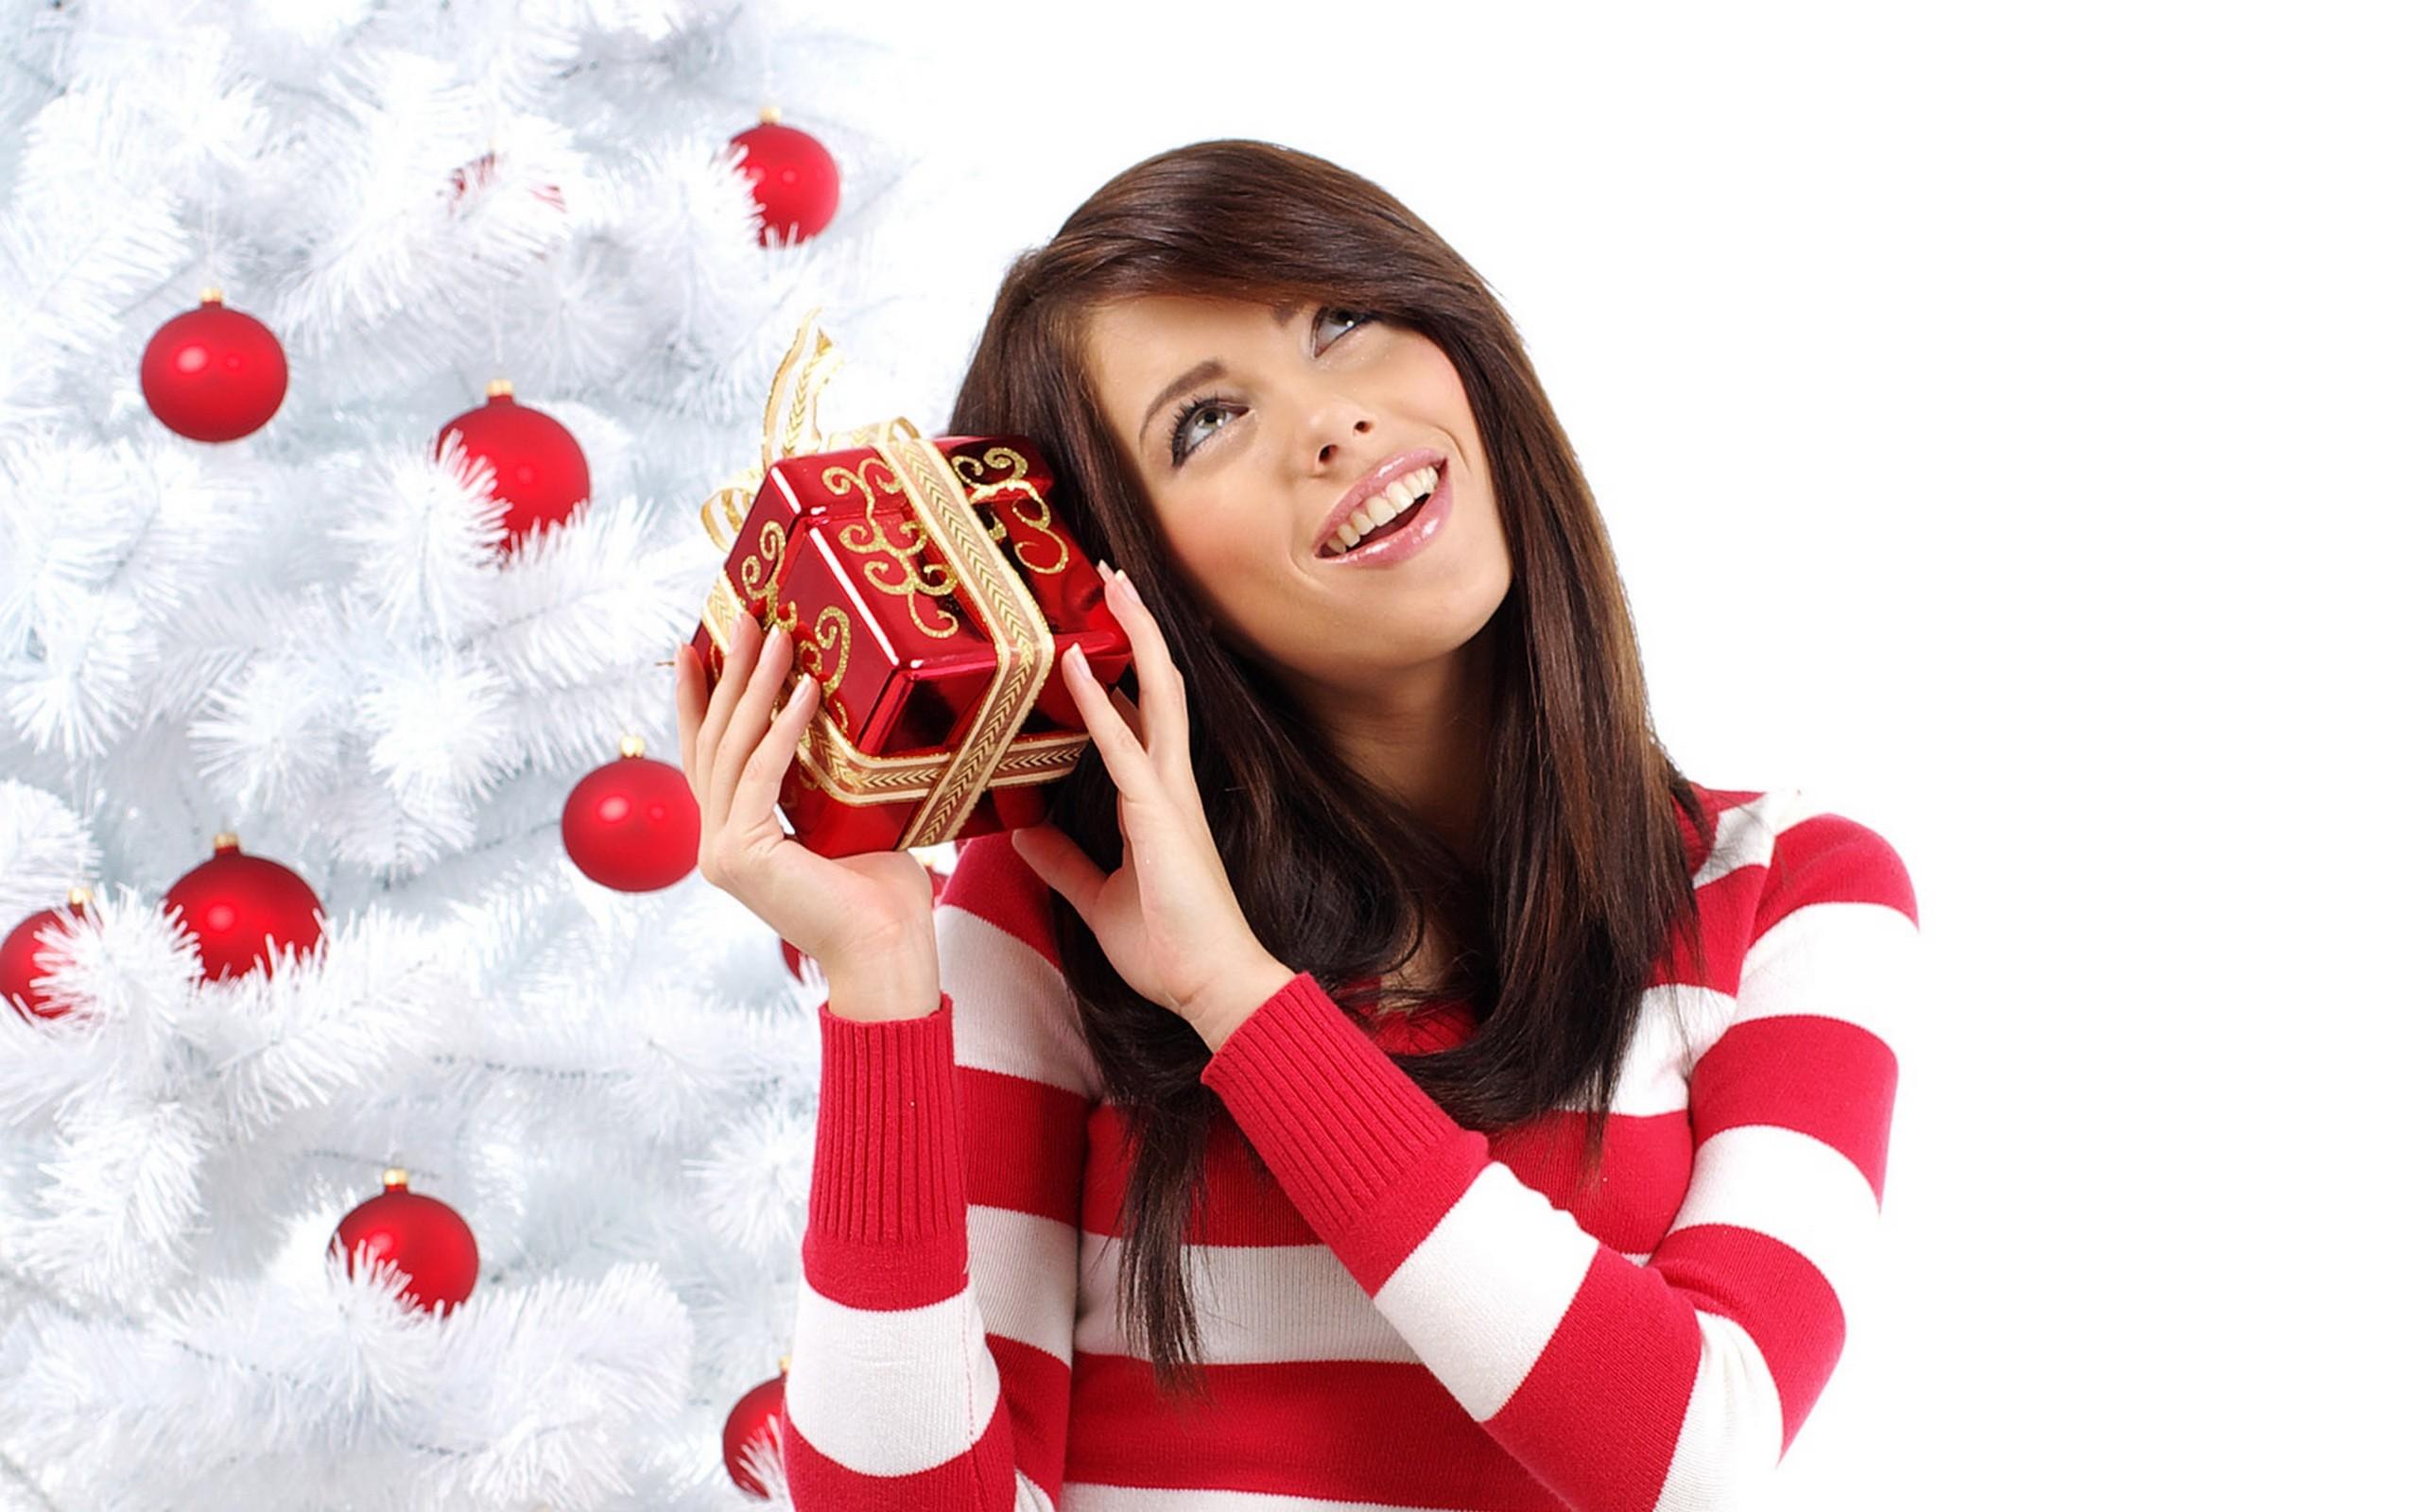 Regalo Natale Ragazza.Cosa Regalare Alla Mia Ragazza Per Natale Donnissima It